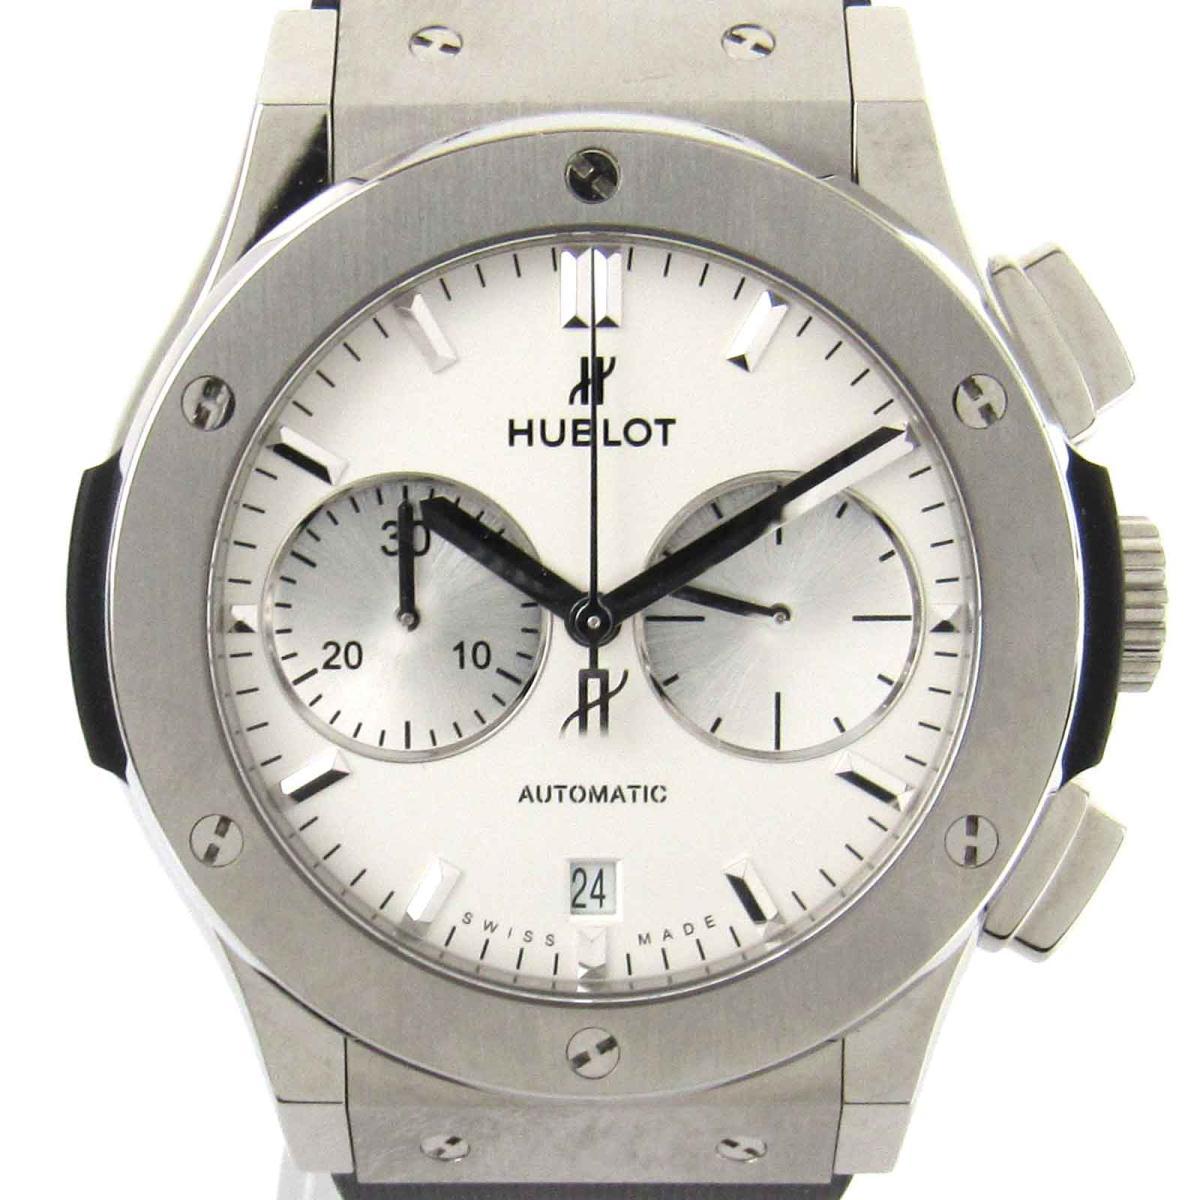 【中古】 ウブロ クラシックフュージョン クロノ ウォッチ 腕時計 メンズ チタン x ラバー (521.N x .2611.R x )   HUBLOT オートマチック 自動巻き 時計 クラシックフュージョン クロノ 美品 ブランドオフ